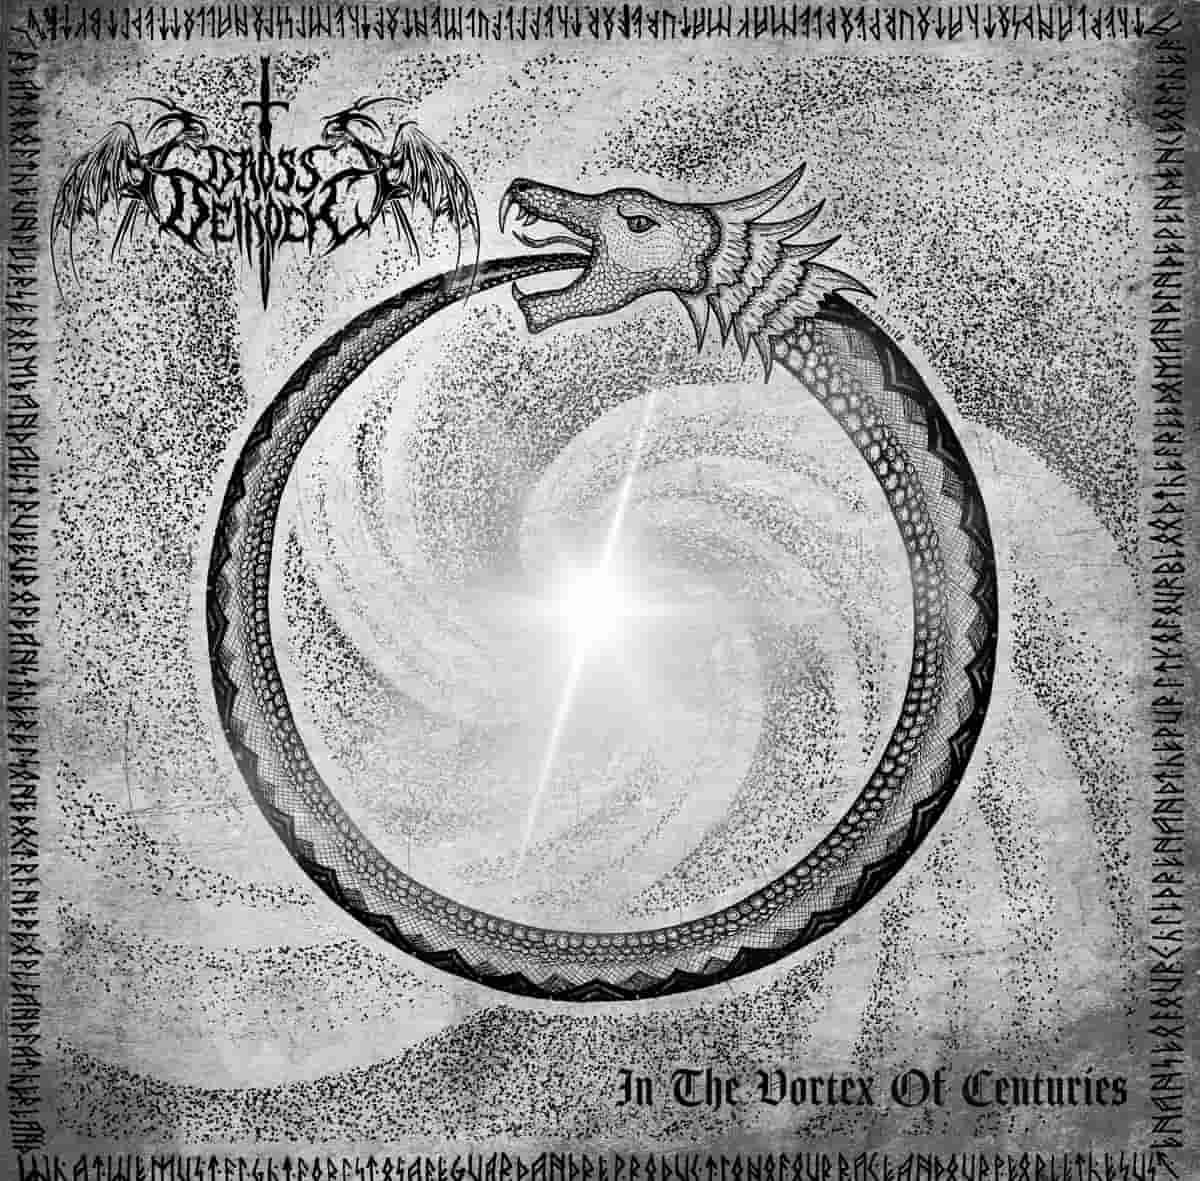 Dross Delnoch - In the Vortex of Centuries